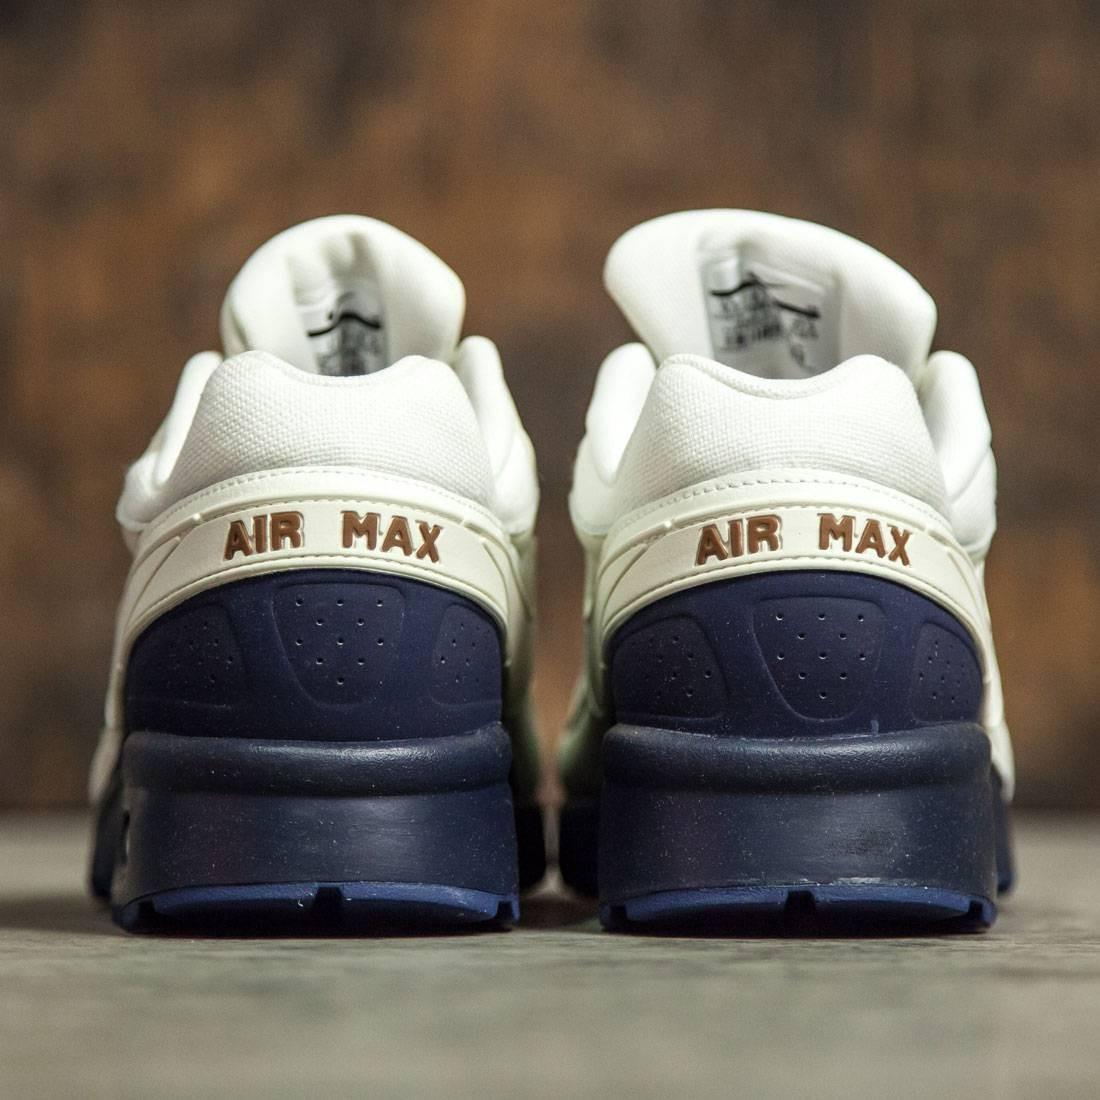 best sneakers 31505 914d3 ... Nike Men Air Max Bw Premium (sail sail-midnight navy-ale br Nike Air  Max BW Premium 819523-104